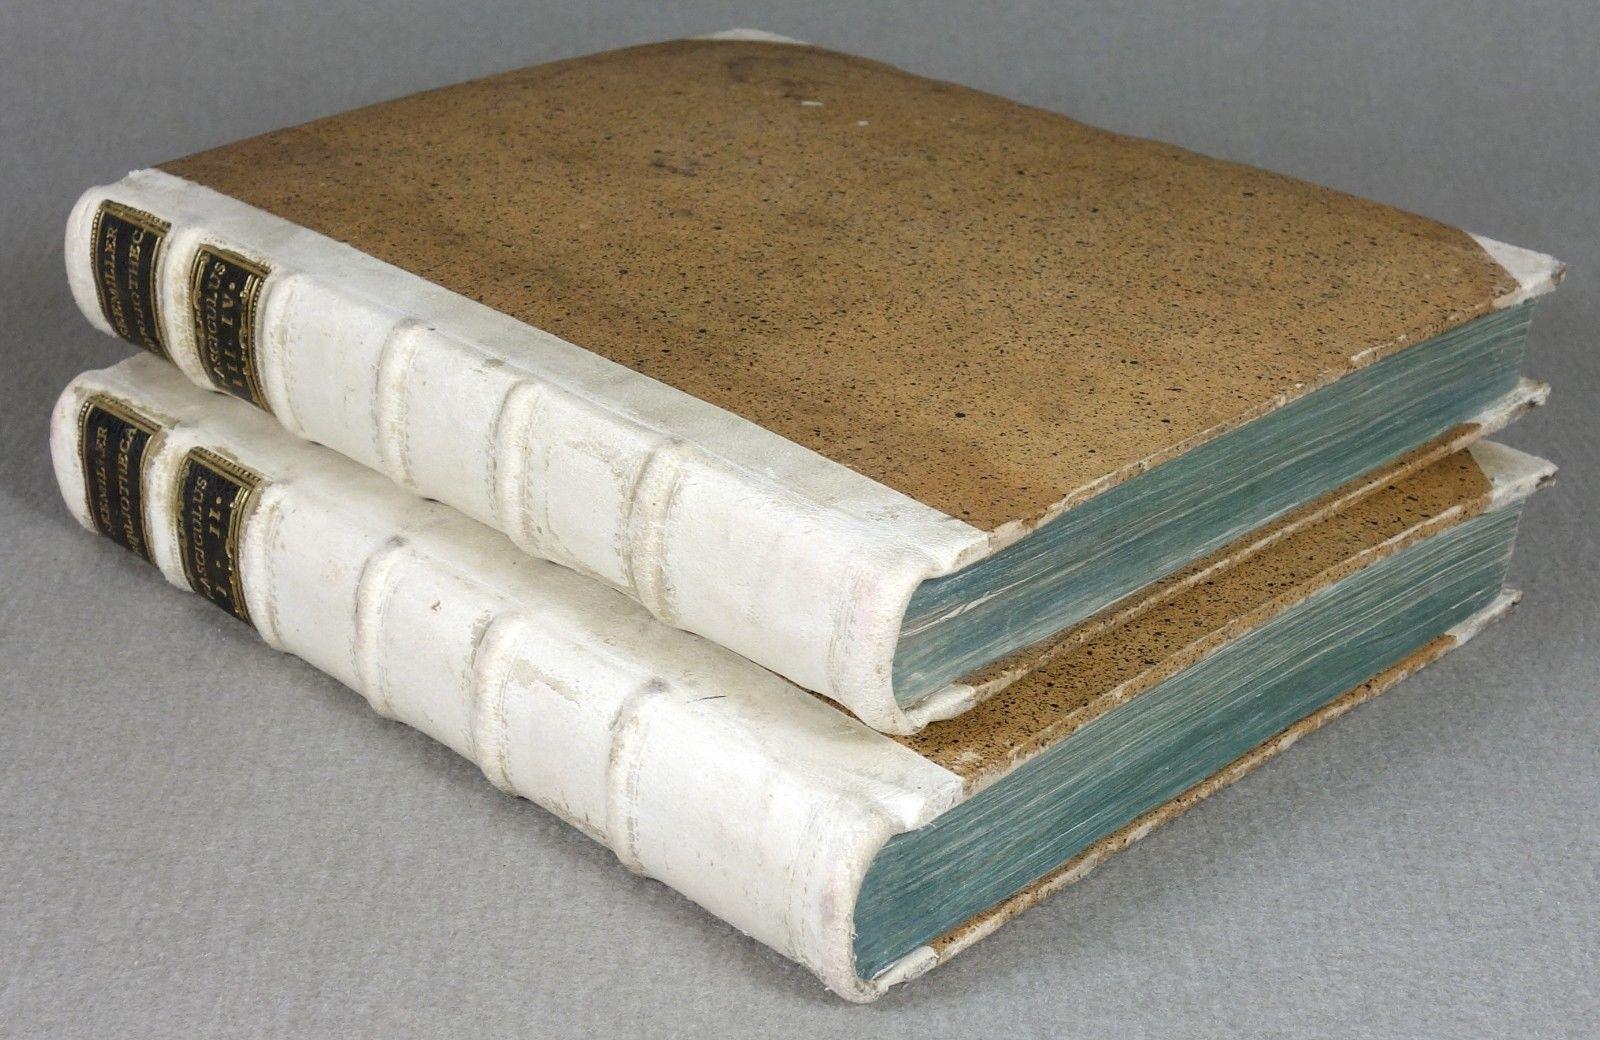 1787 - INKUNABEL - Bibliographie - BUCHWESEN Prachtausgabe Leder Ingolstadt RAR